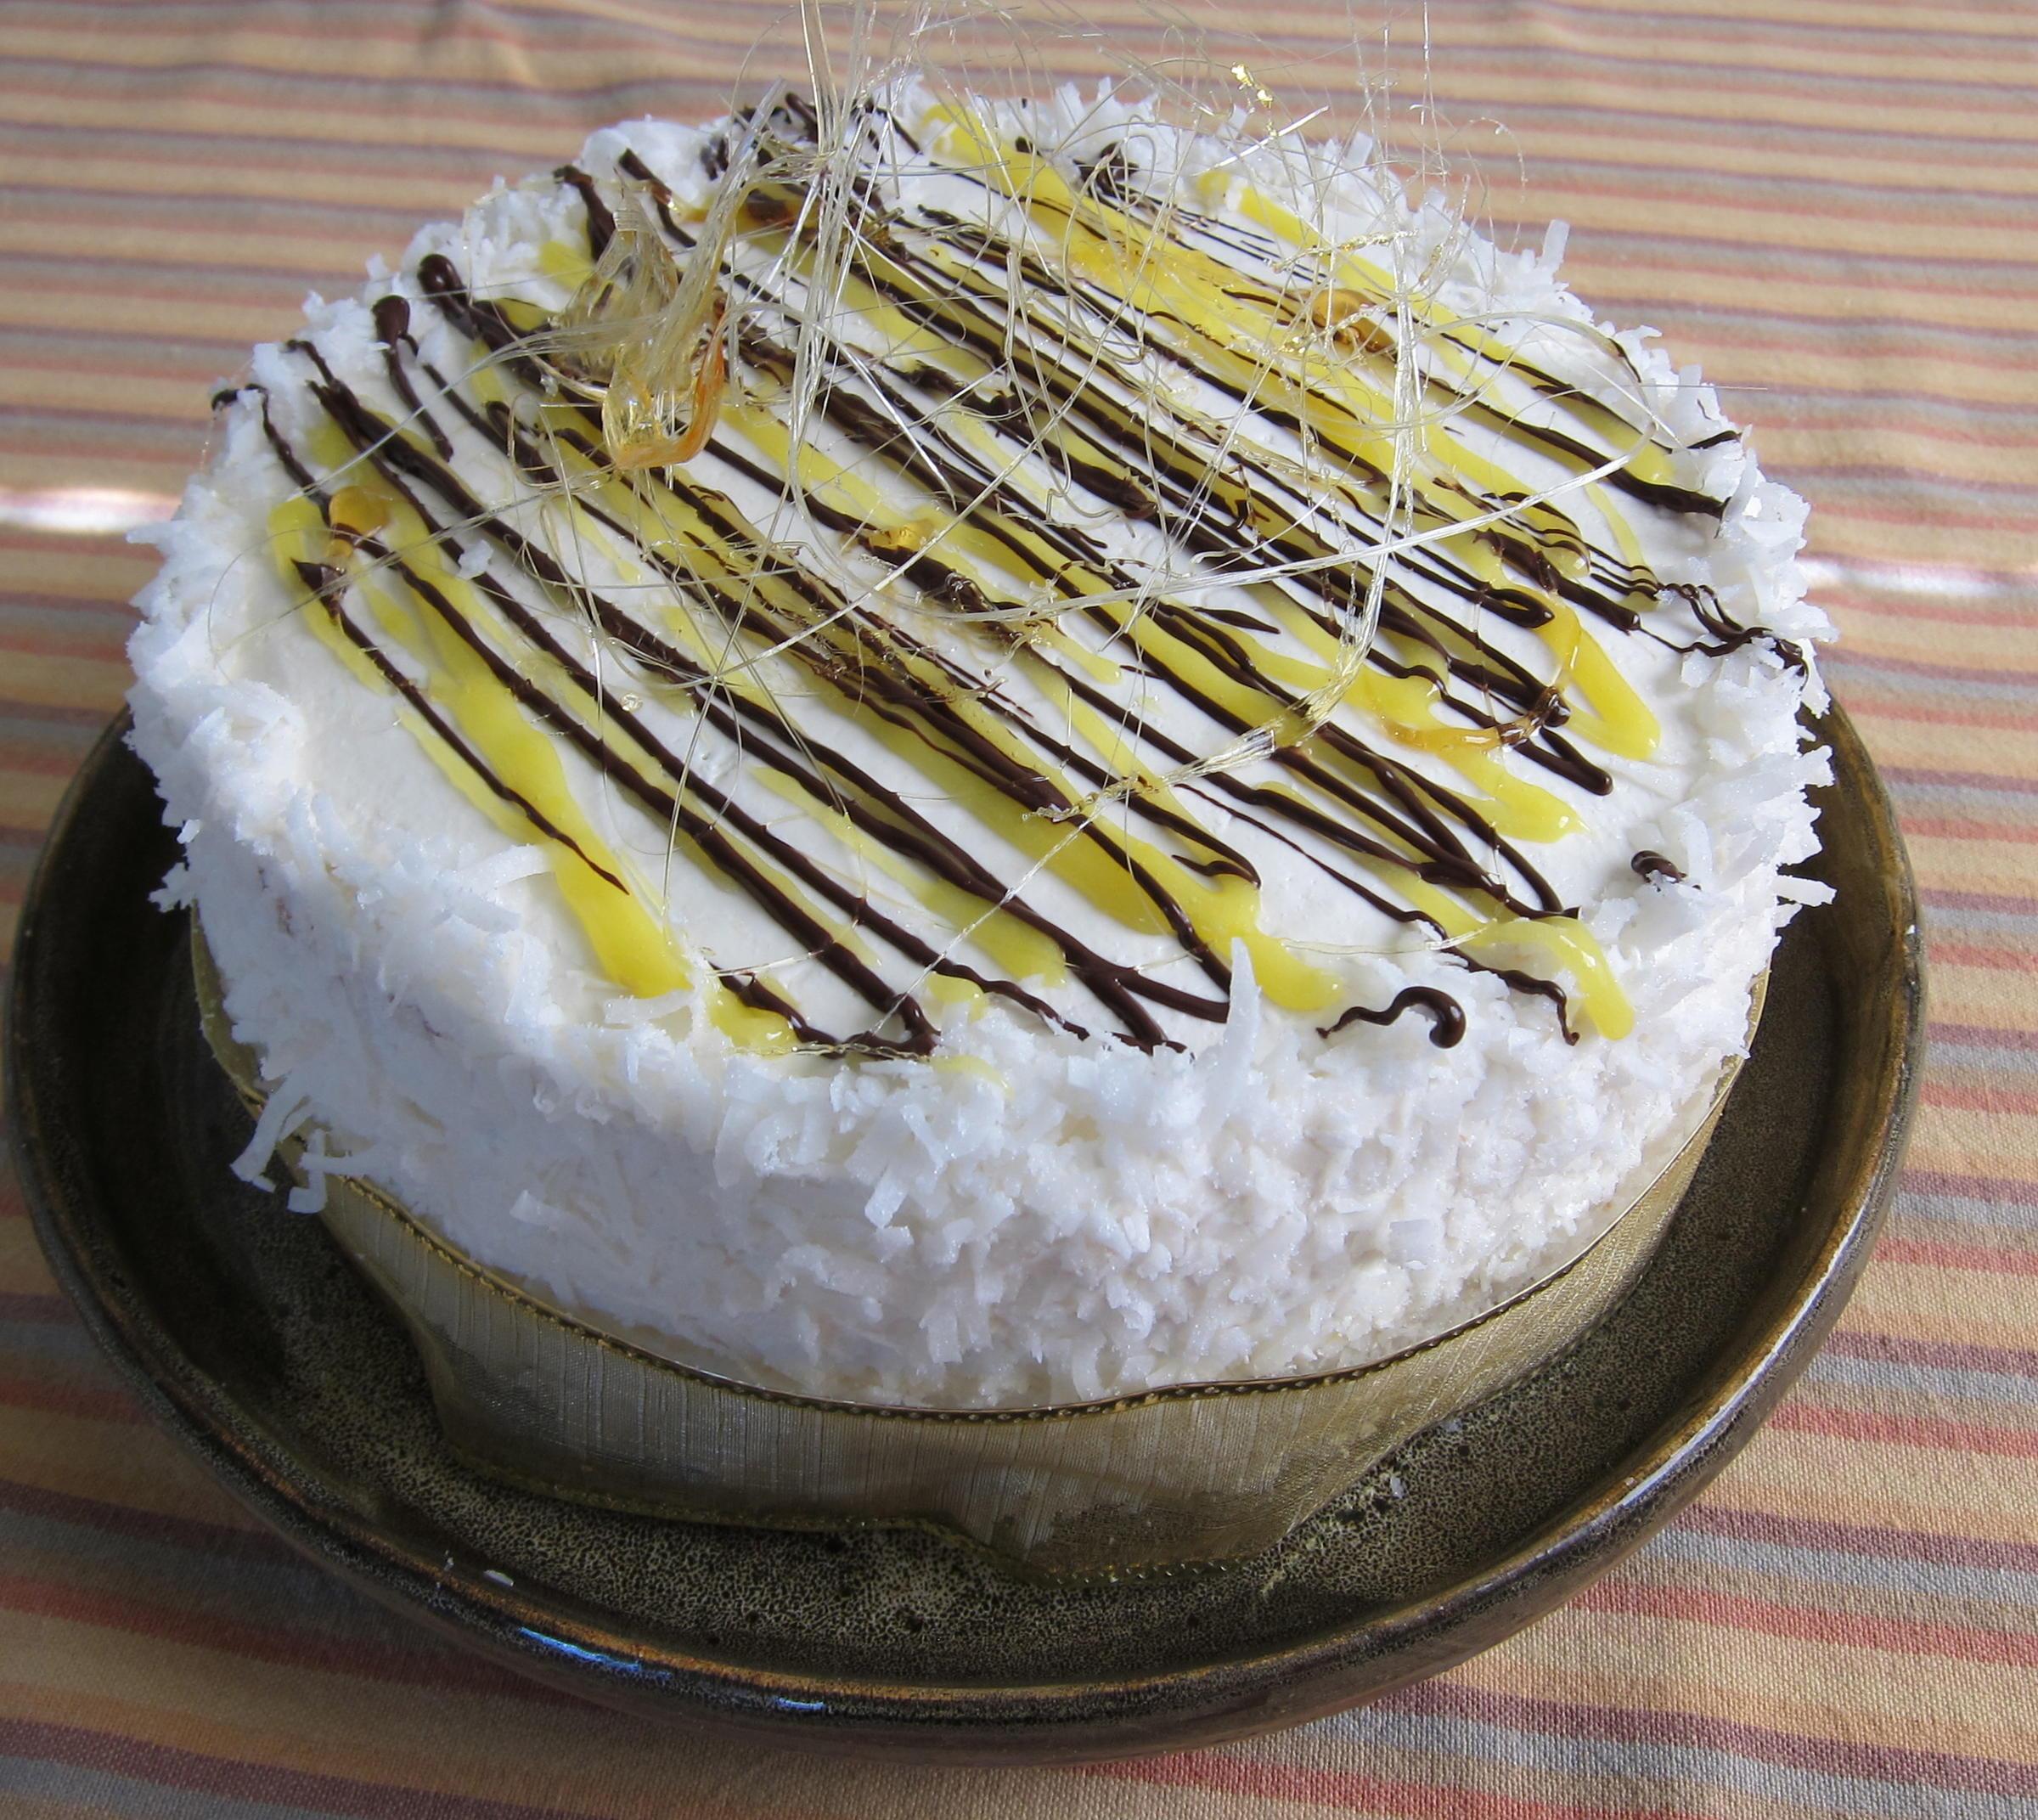 Dick Stein s Sis Shares Her Cake-spertise And Recipe For Italian Meringue Buttercream KNKX